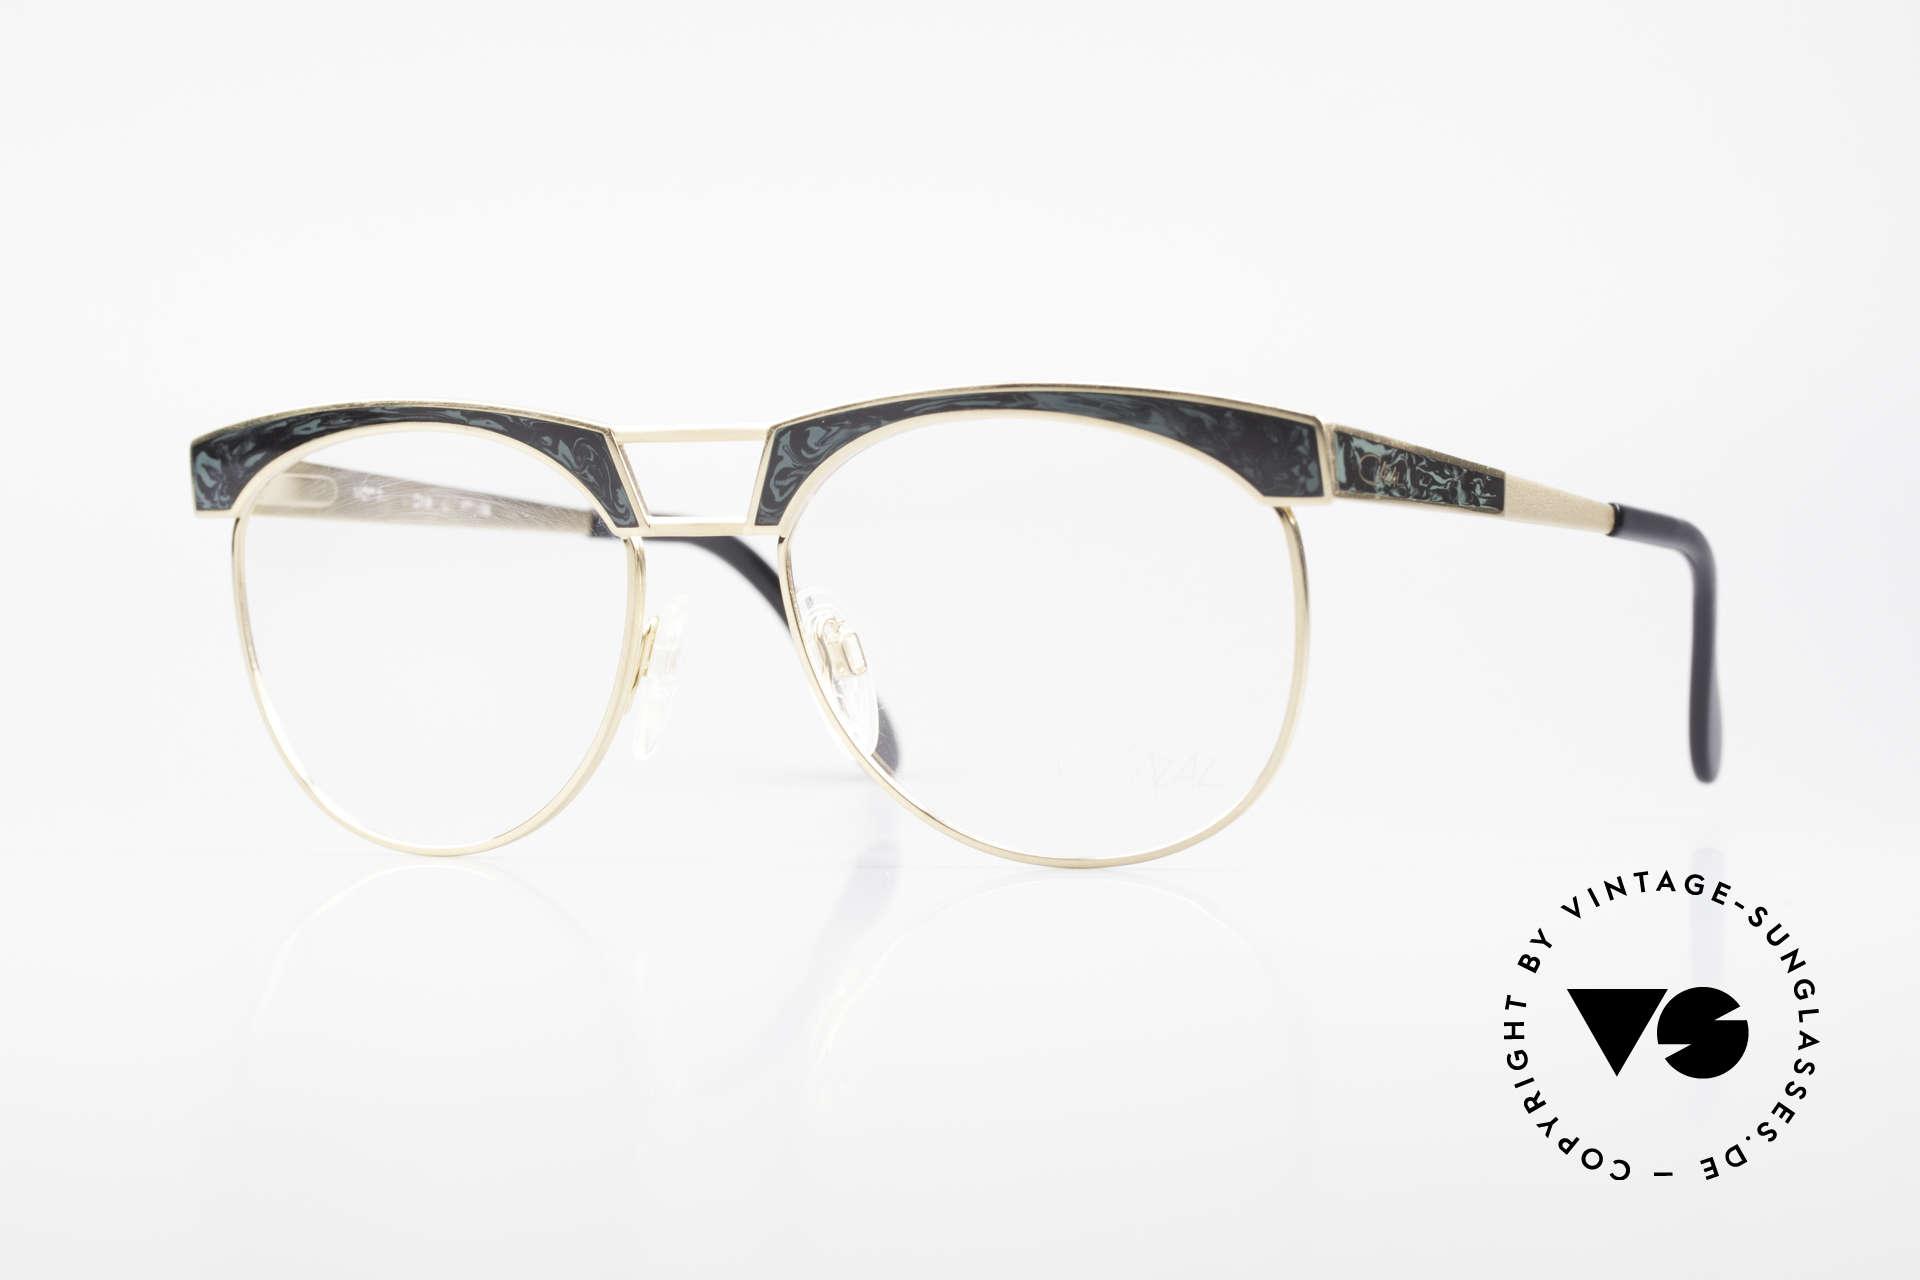 Cazal 741 Panto Style 90's Eyeglasses, luxury designer eyeglass-frame from the early 1990's, Made for Men